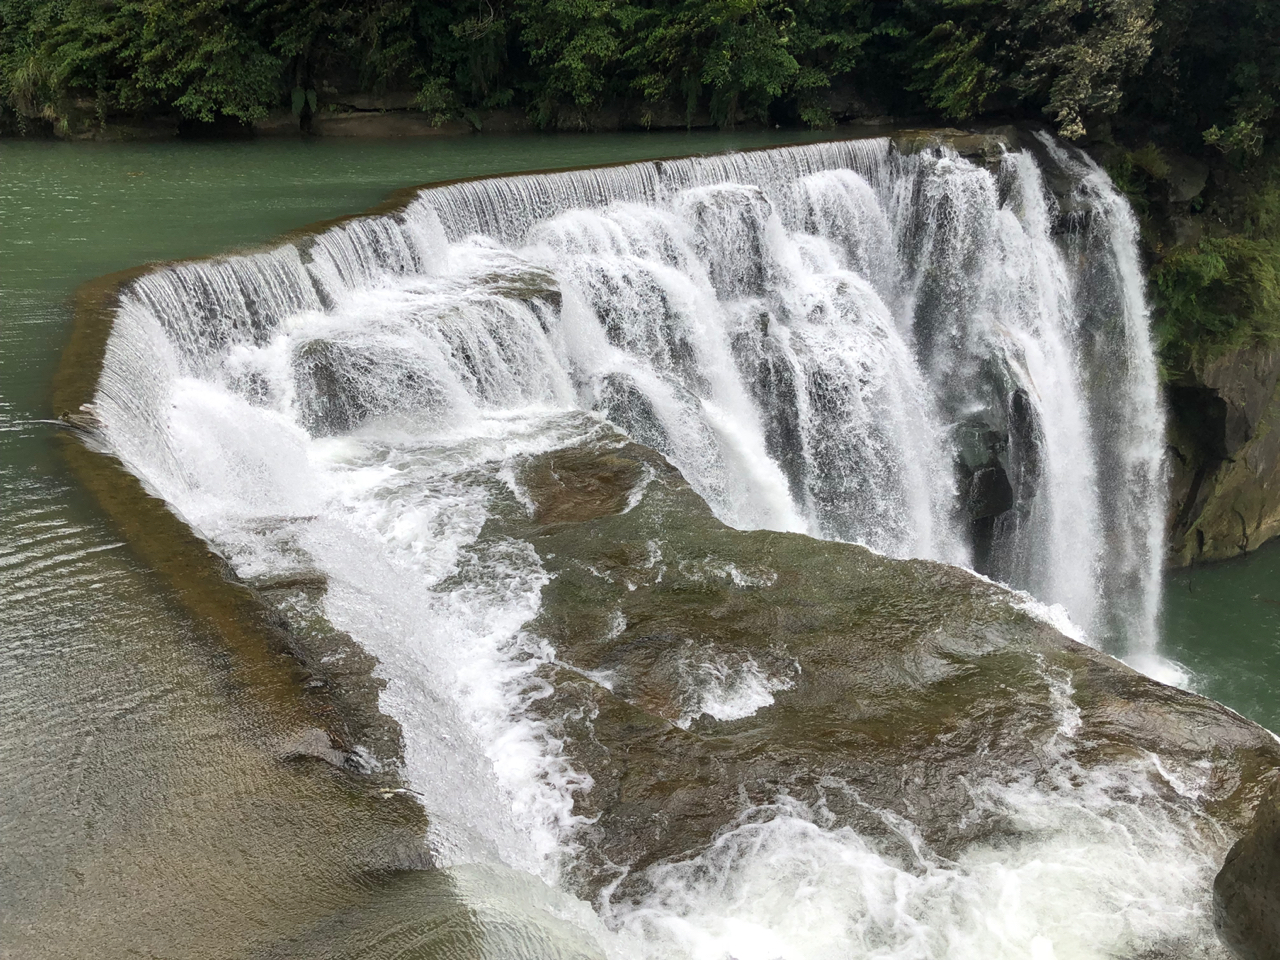 間際で見る滝